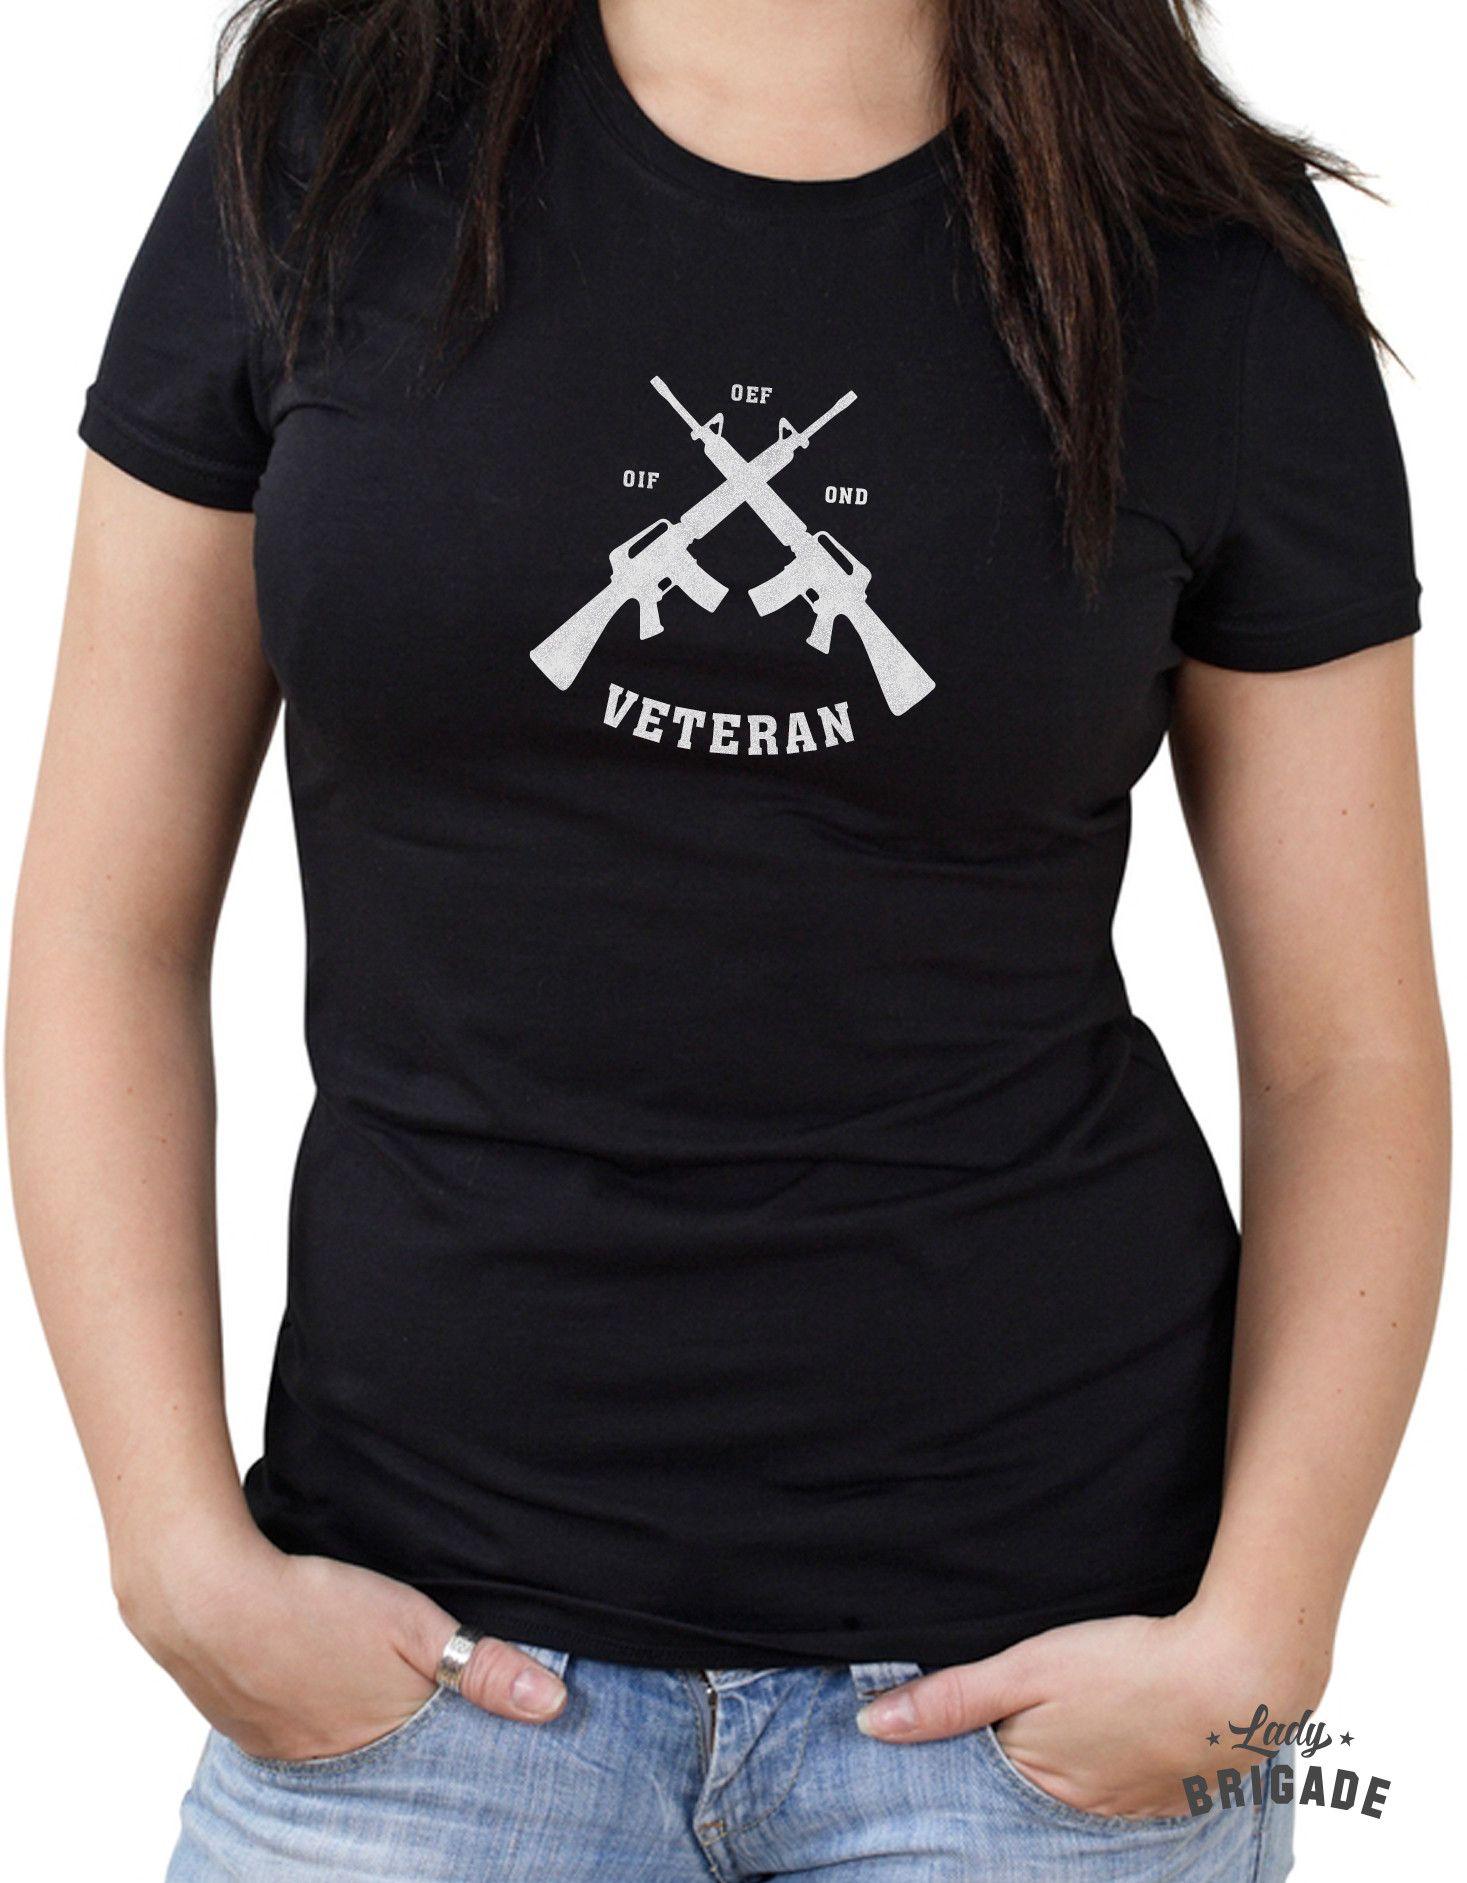 Oif Oef Ond Veteran T Shirt Design For Female Veterans From